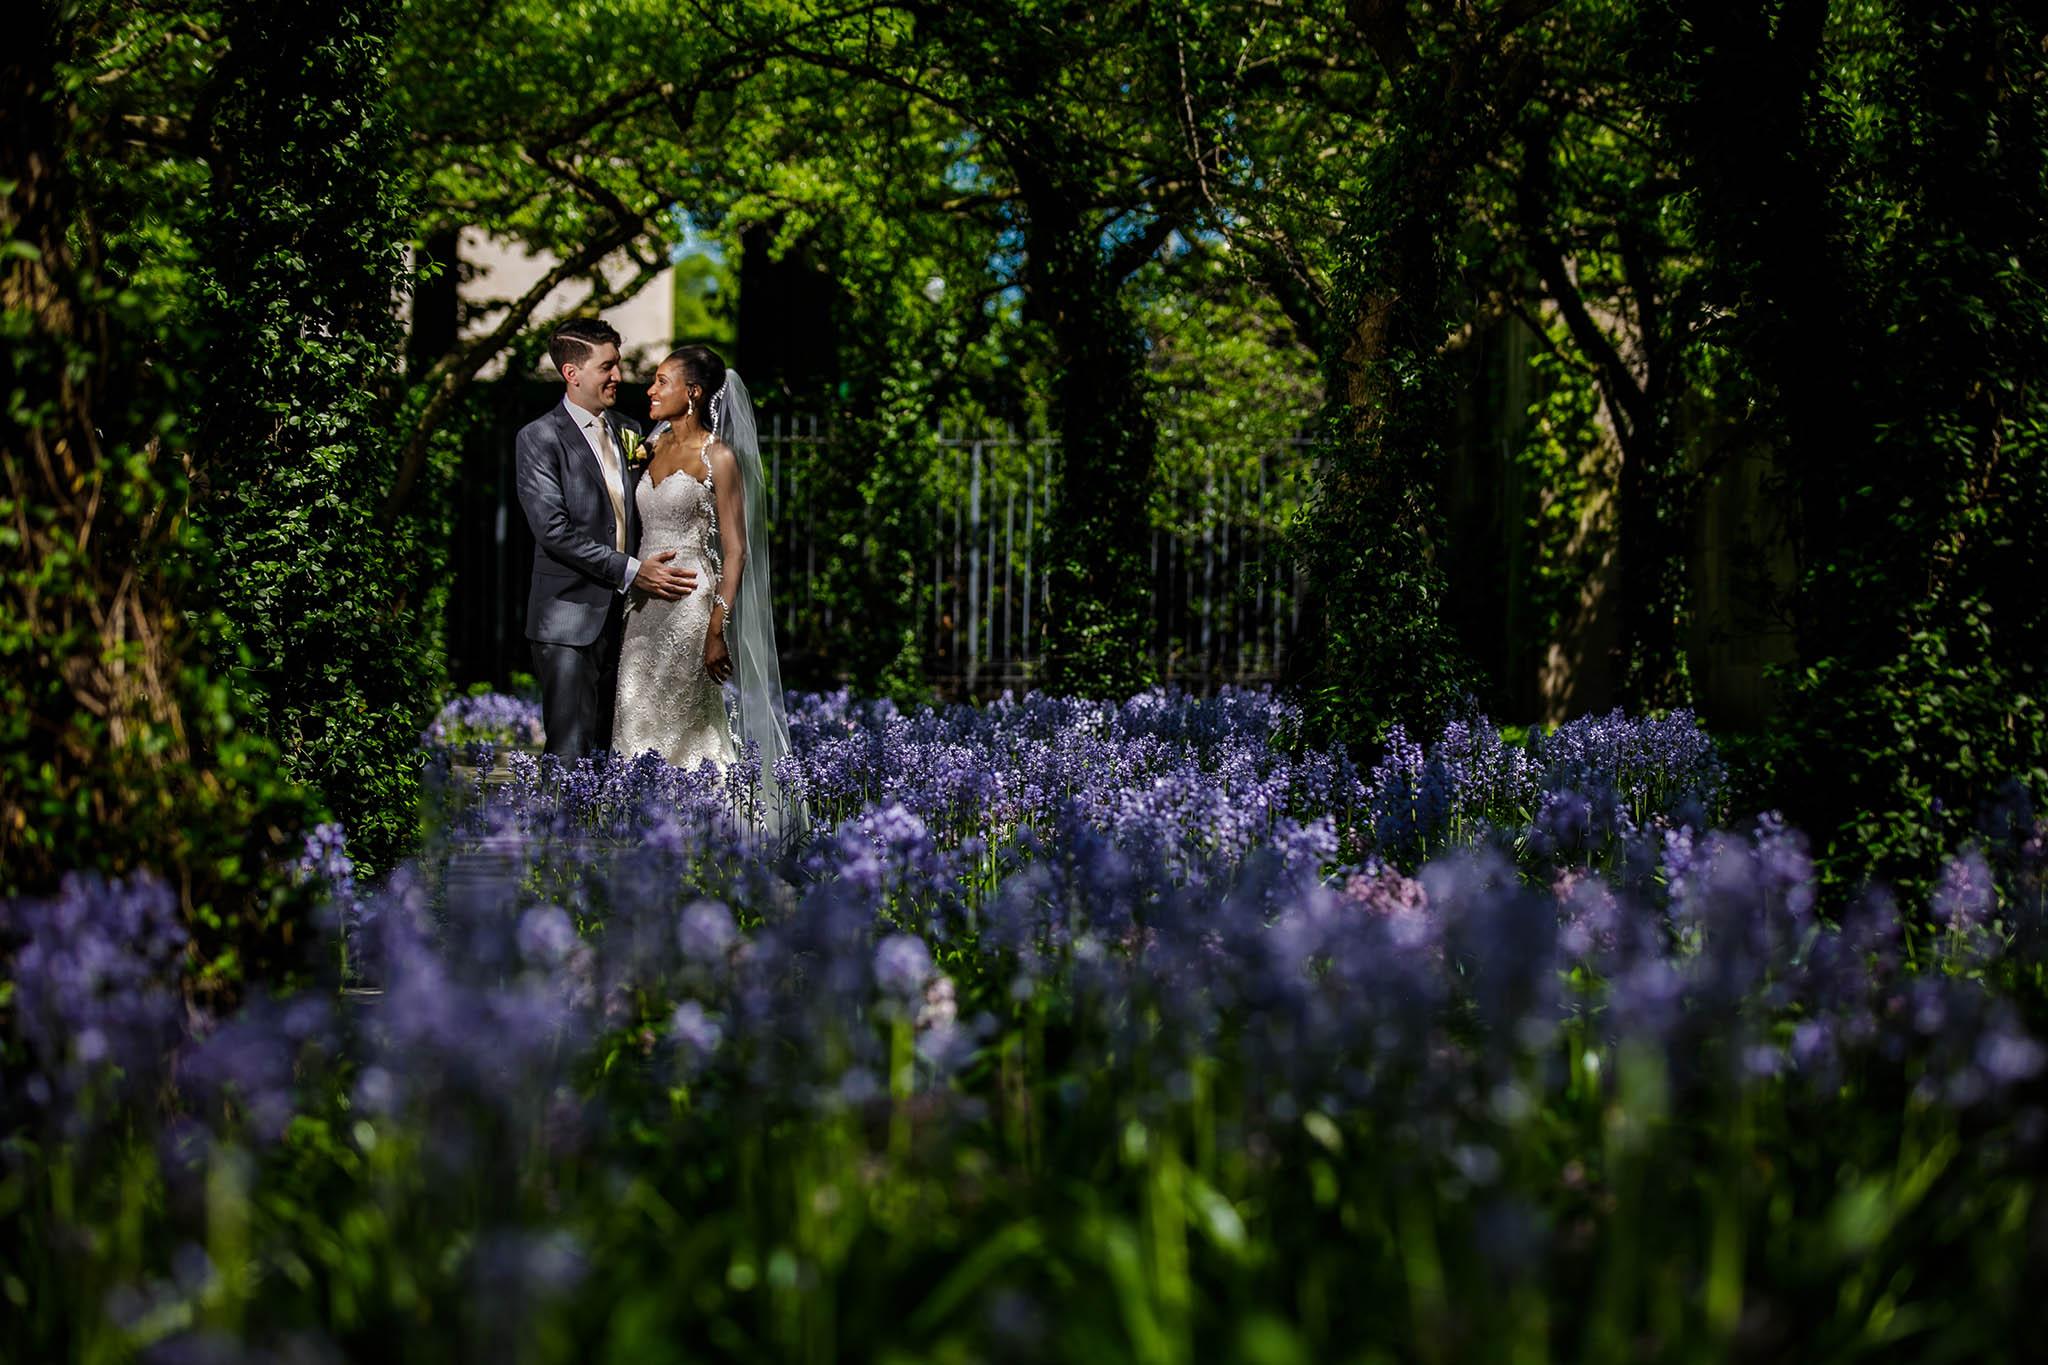 Art Institute of Chicago wedding